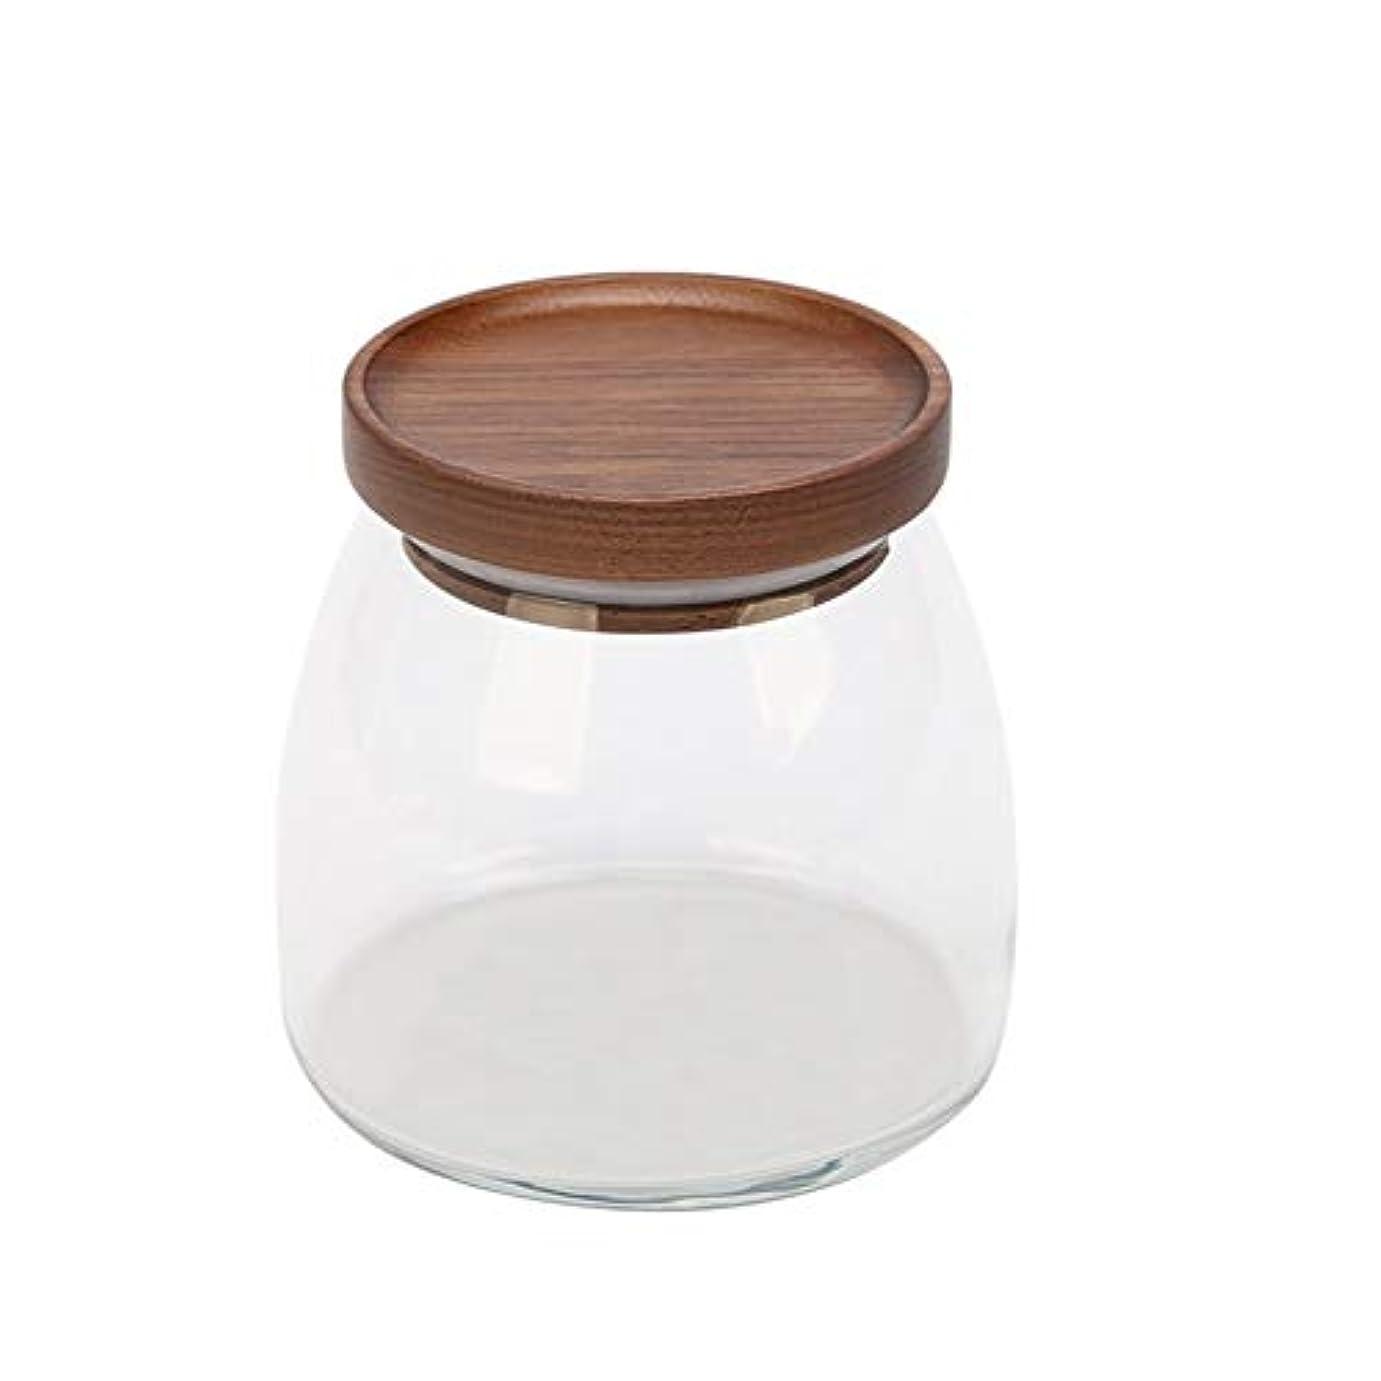 現在恩赦交差点貯蔵タンク、透明ガラス貯蔵タンク、家庭用食品、茶瓶